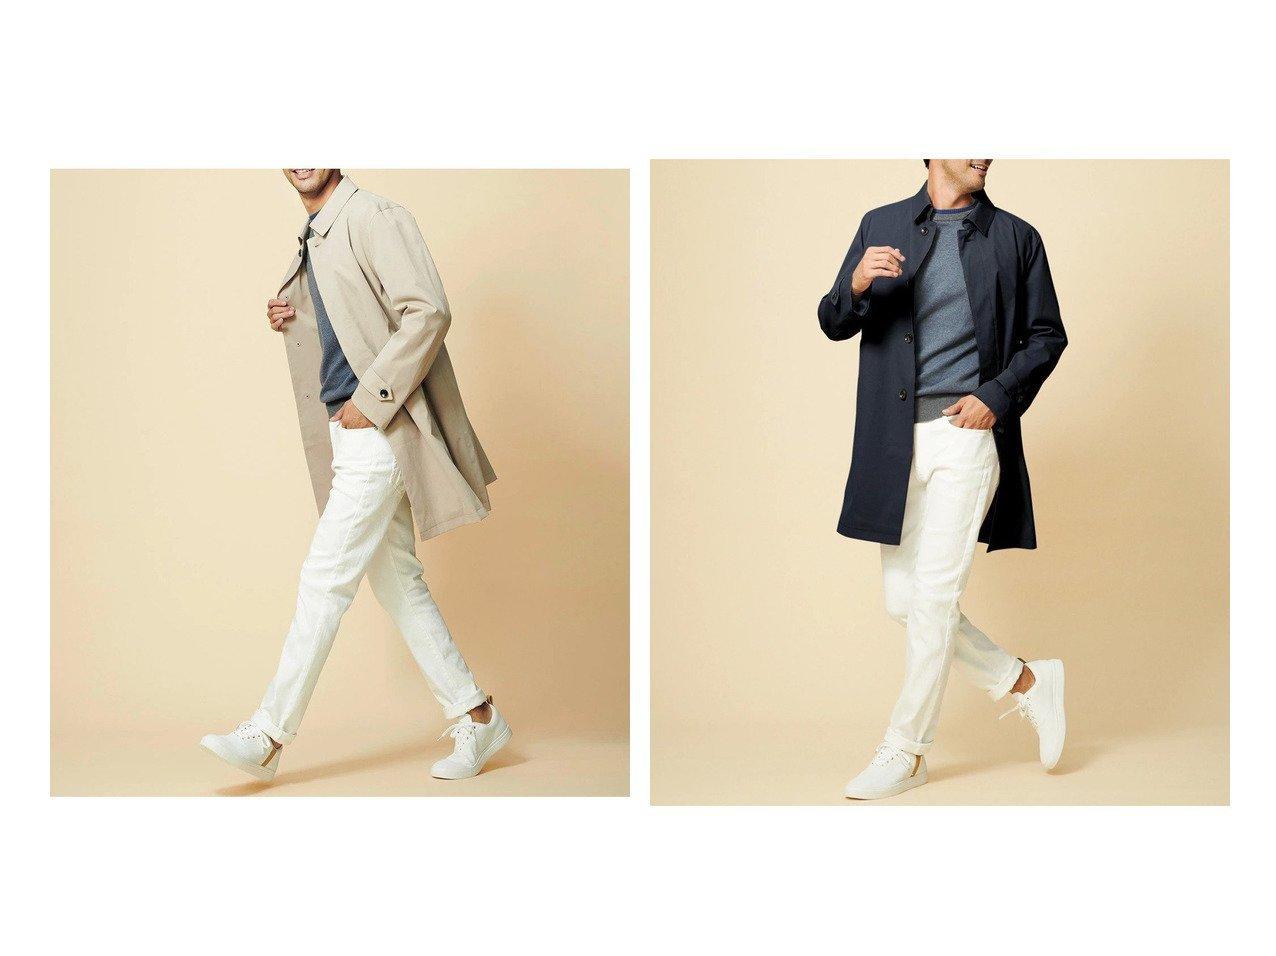 【DoCLASSE / MEN/ドゥクラッセ】のウォッシャブル ステンカラーコート 【MEN】ドゥクラッセの40代、50代の男性におすすめ!人気トレンド・メンズファッションの通販 おすすめで人気の流行・トレンド、ファッションの通販商品 メンズファッション・キッズファッション・インテリア・家具・レディースファッション・服の通販 founy(ファニー) https://founy.com/ ファッション Fashion メンズファッション MEN ウォッシャブル ストレッチ ライナー 春 Spring 洗える 軽量 |ID:crp329100000021650